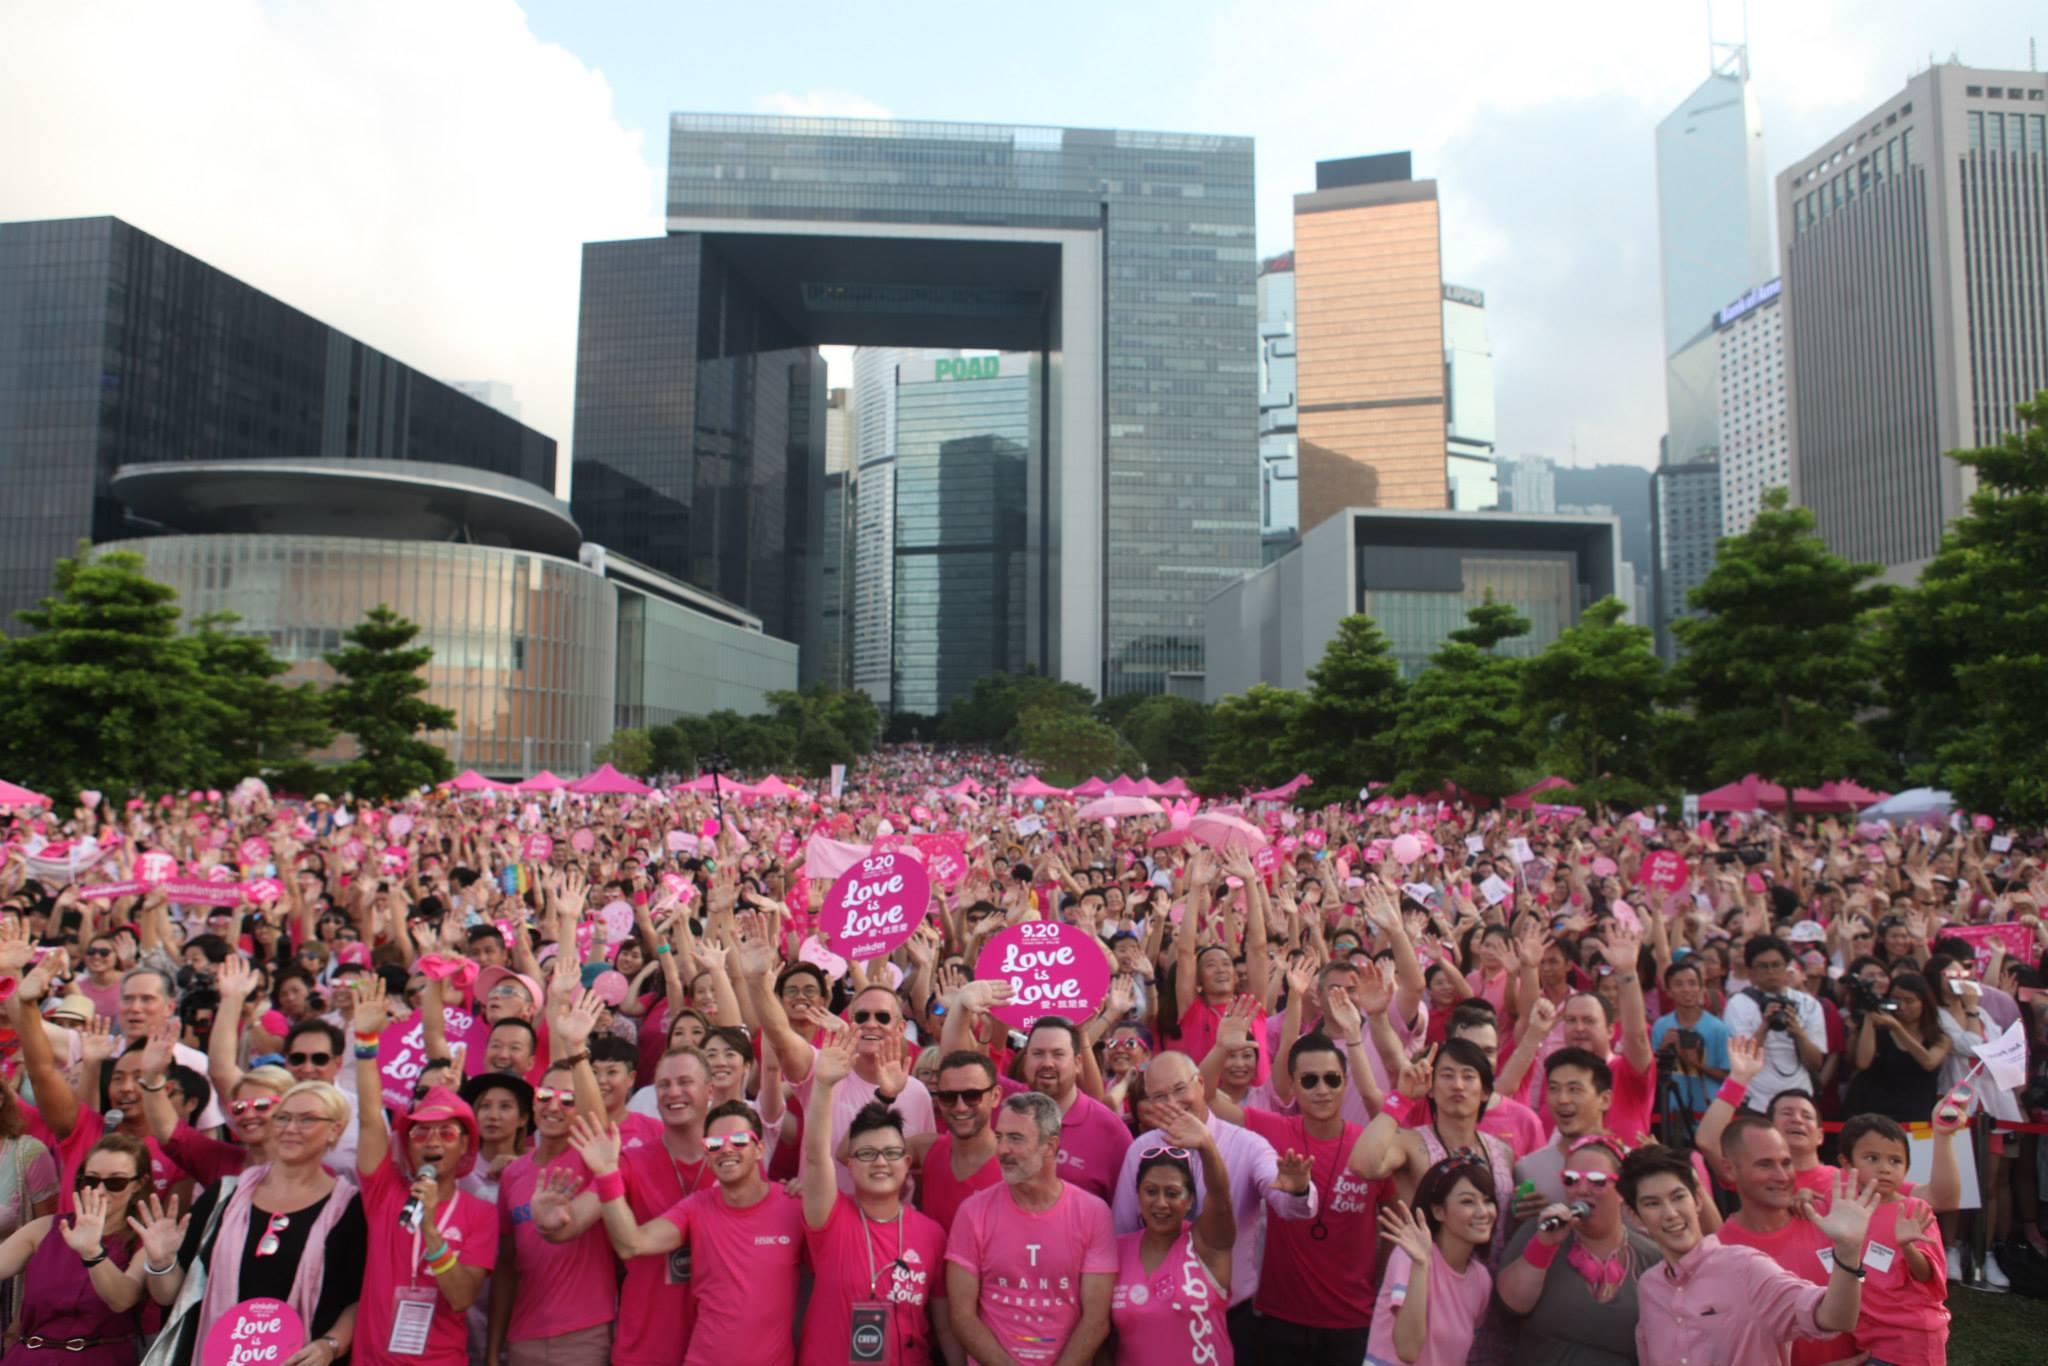 Singapur Hükümetinin Engellemelerine Rağmen 20.000 Kişi Yürüdü!